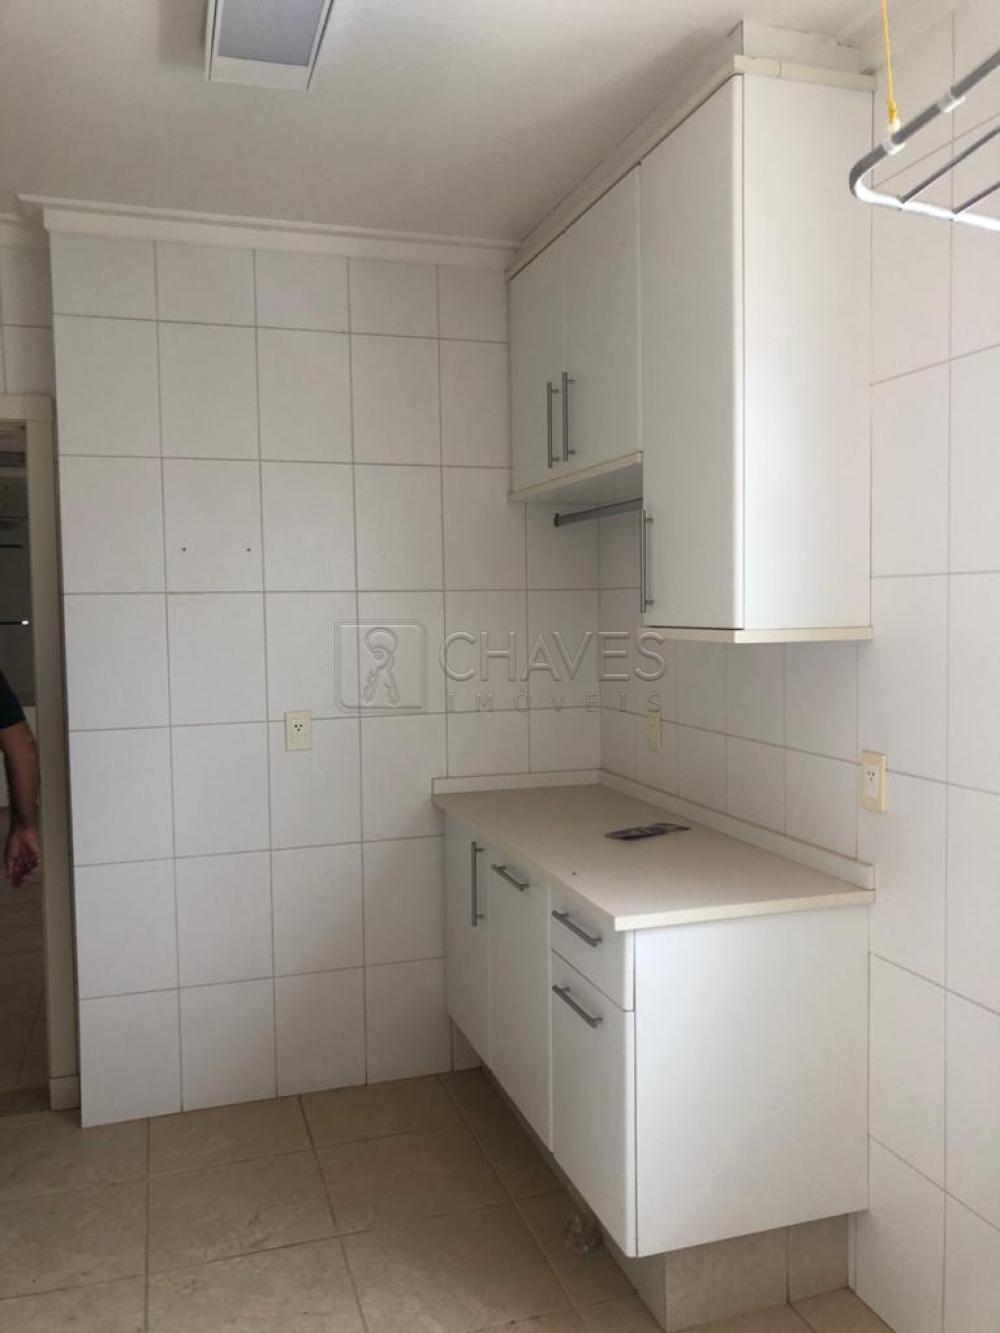 Comprar Apartamento / Padrão em Ribeirão Preto R$ 1.400.000,00 - Foto 11